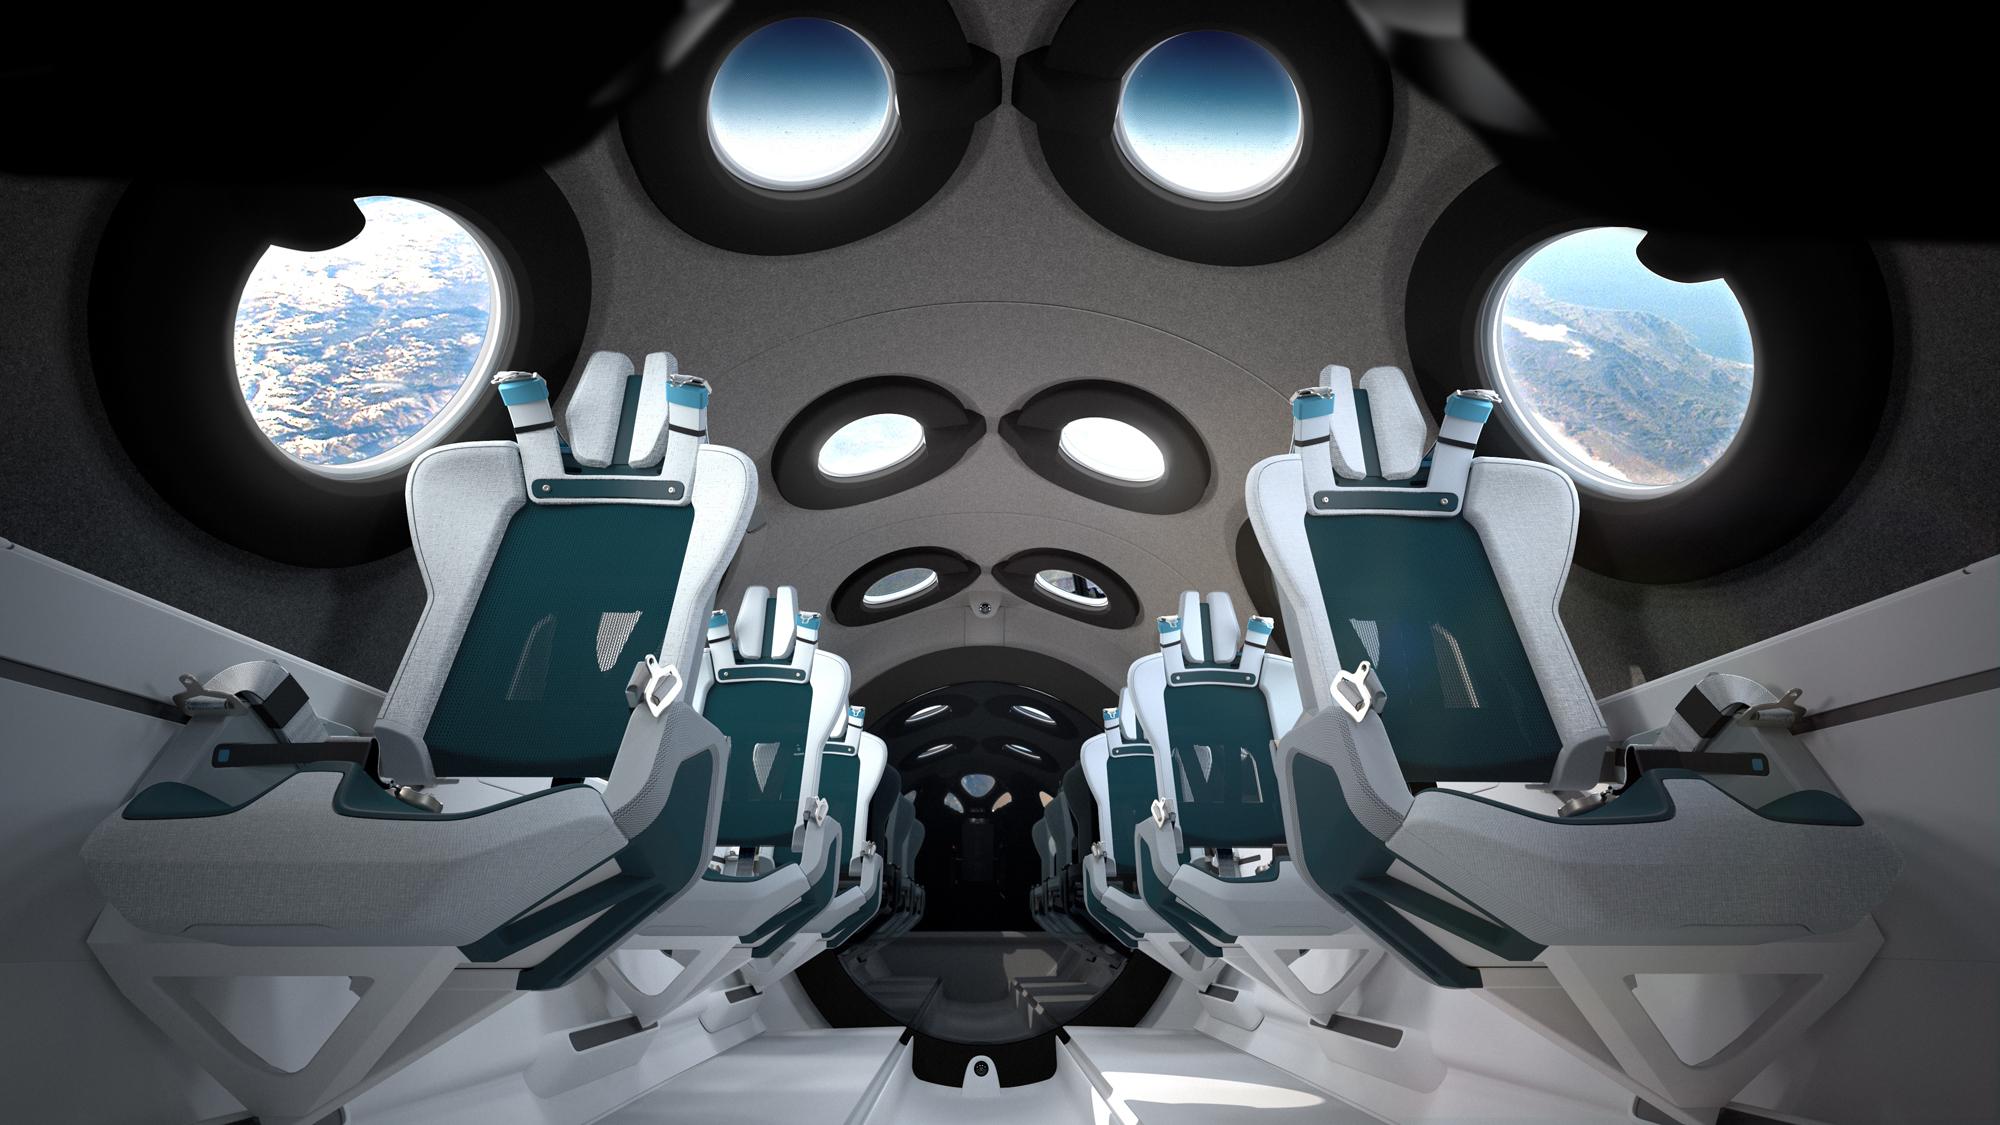 L'intérieur du SpaceShipTwo de Virgin Galactic comprend six sièges passagers élégants, une multitude de fenêtres et de l'espace pour flotter dans l'habitacle.